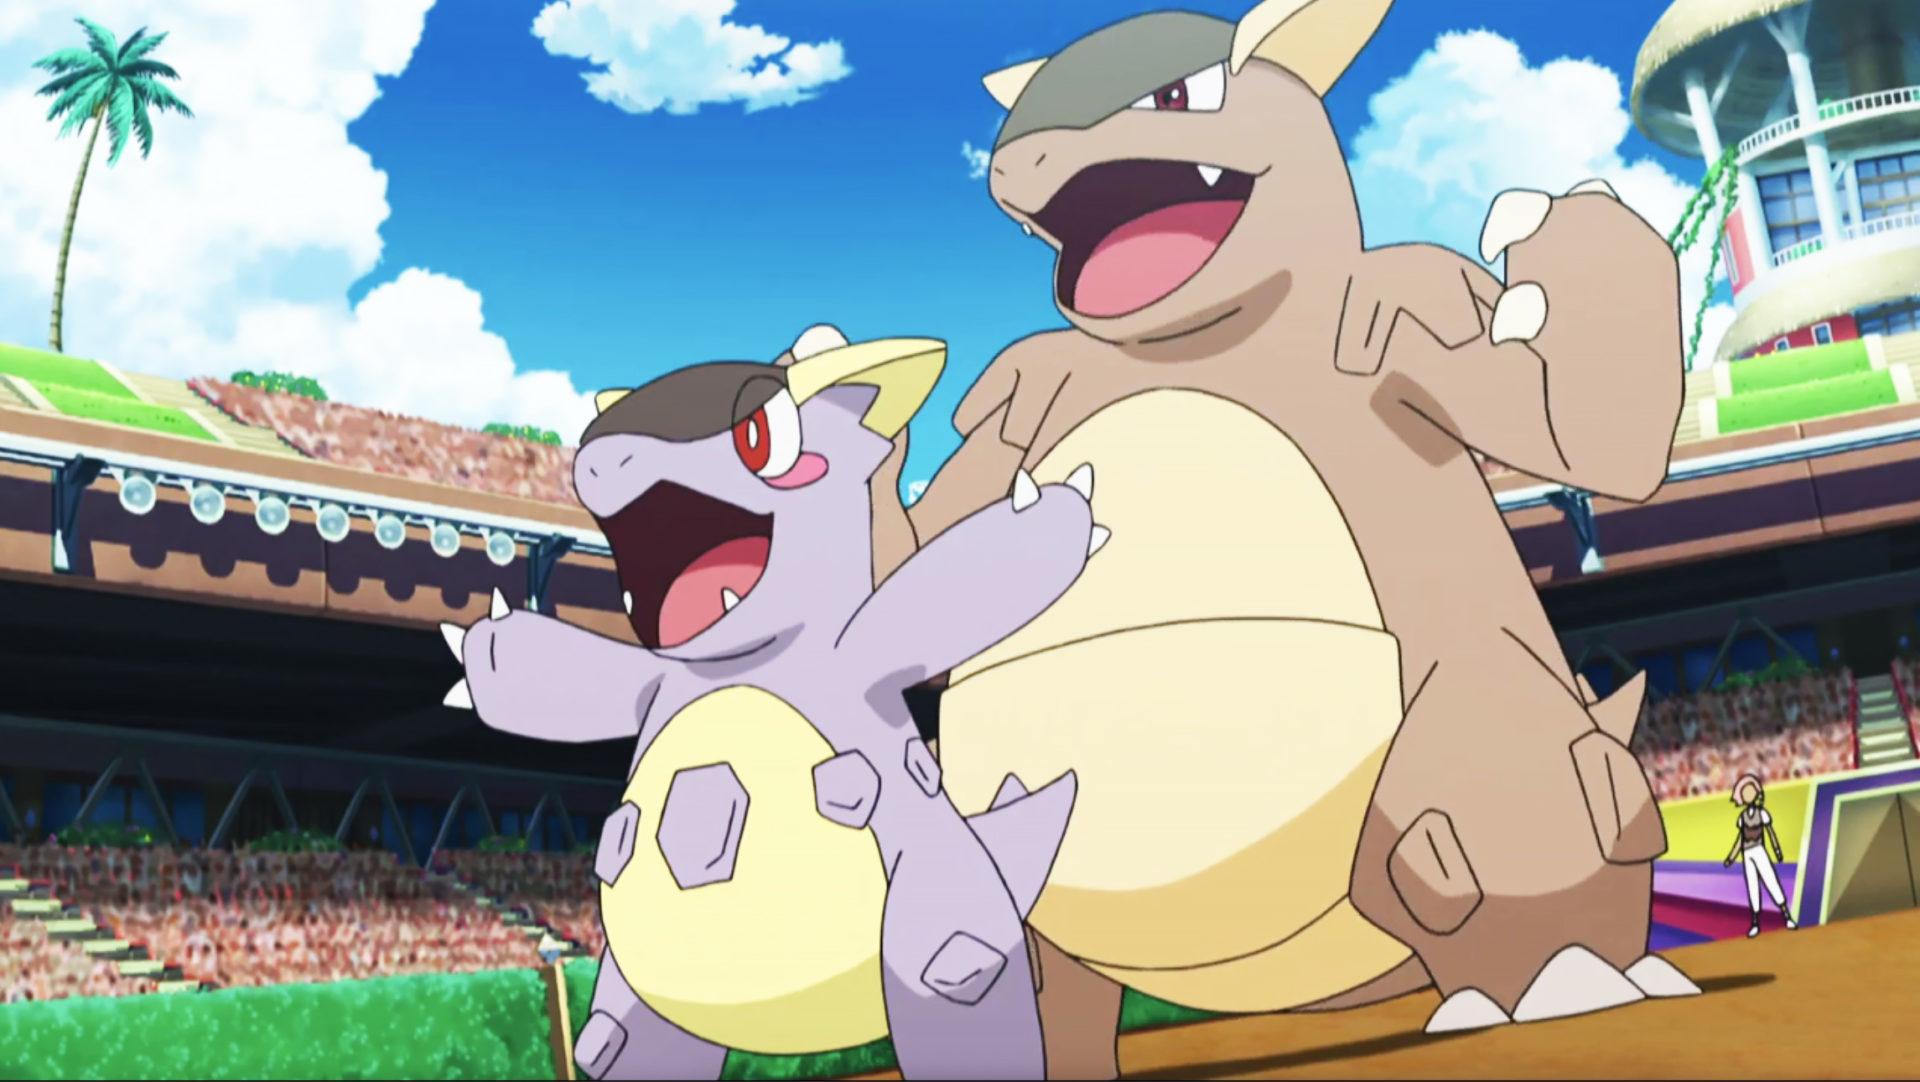 kangaskhan pokemon anime